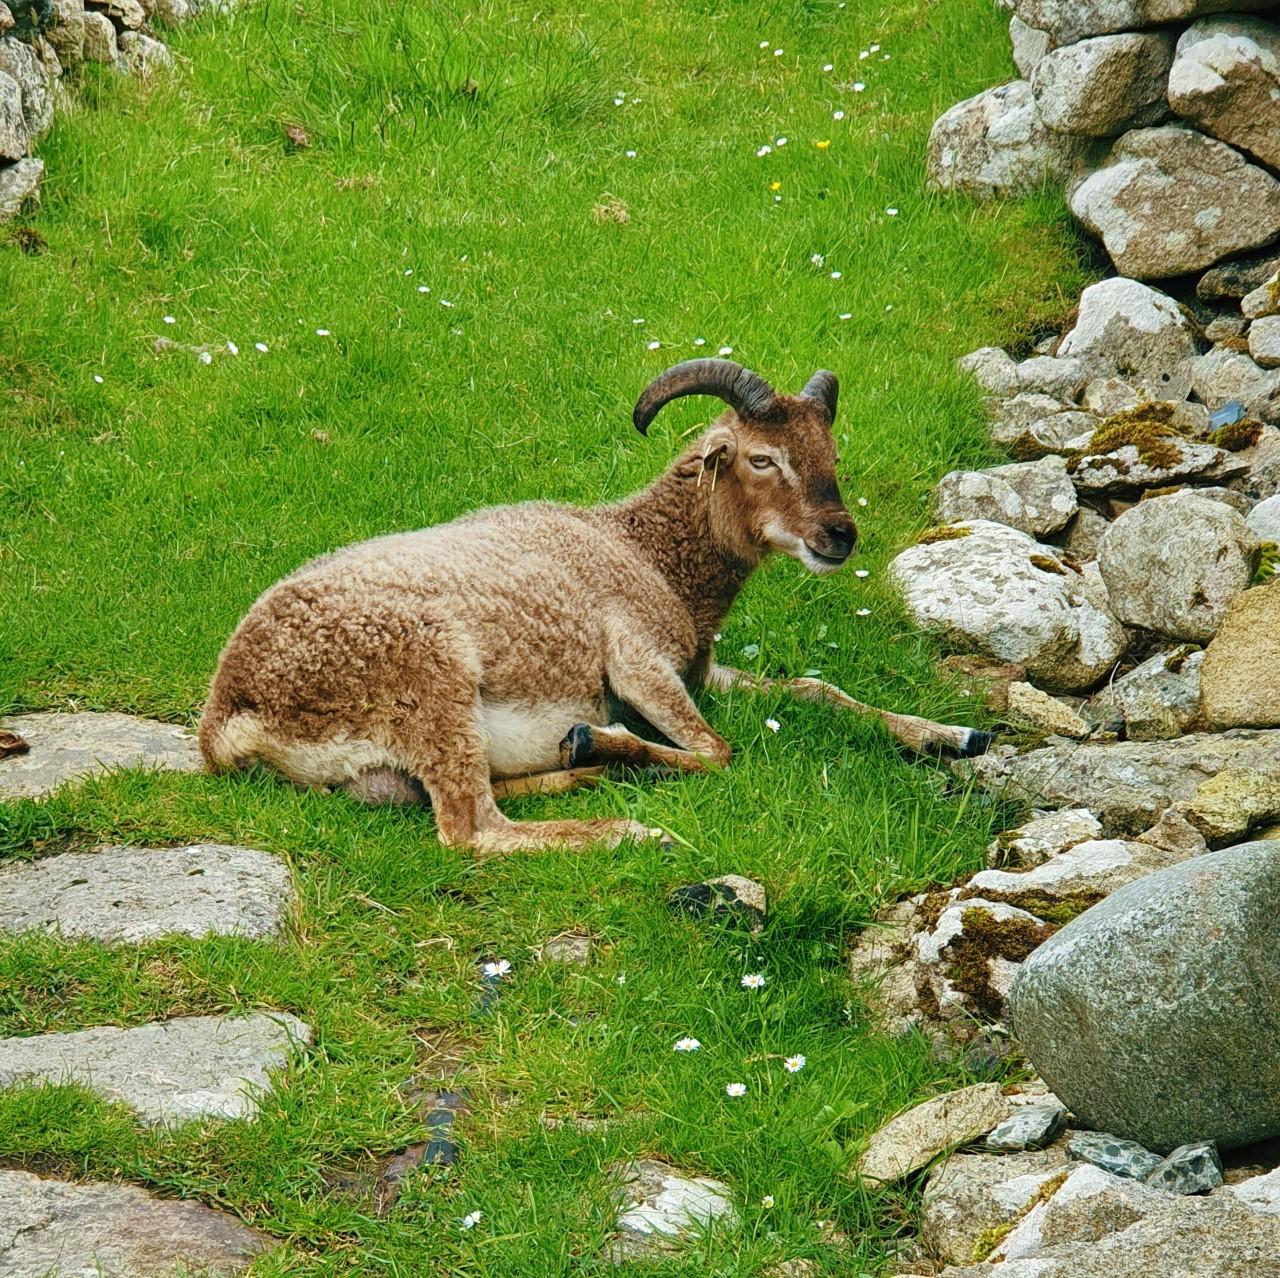 st kilda sheep.jpg